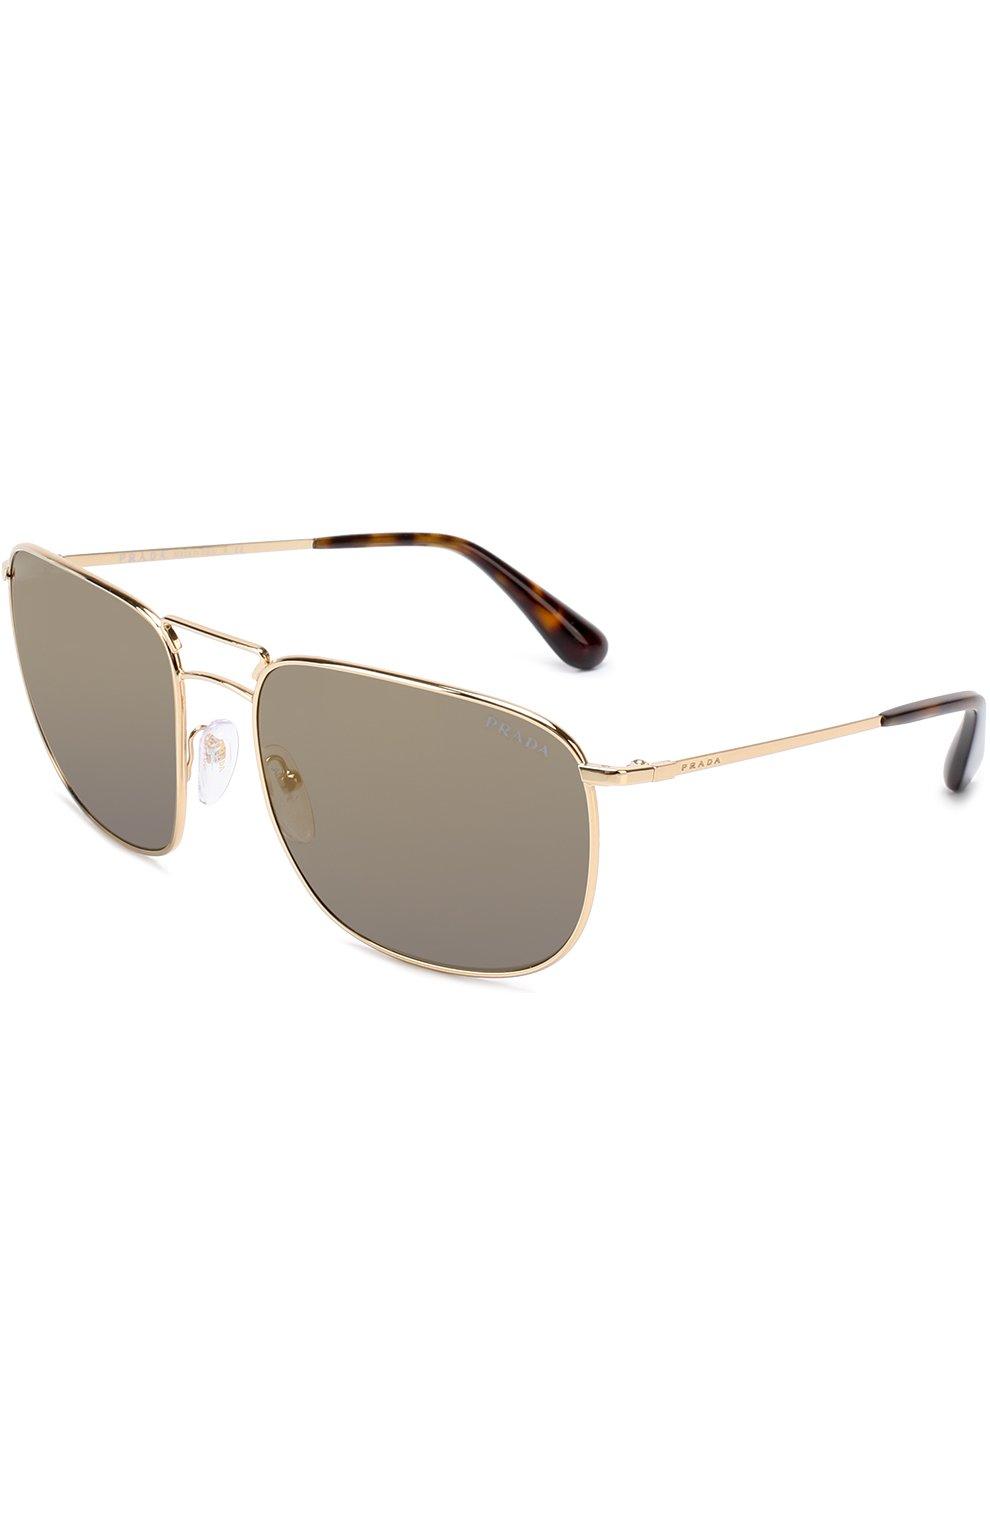 Женские солнцезащитные очки PRADA золотого цвета, арт. 52TS-5AK4L0 | Фото 1